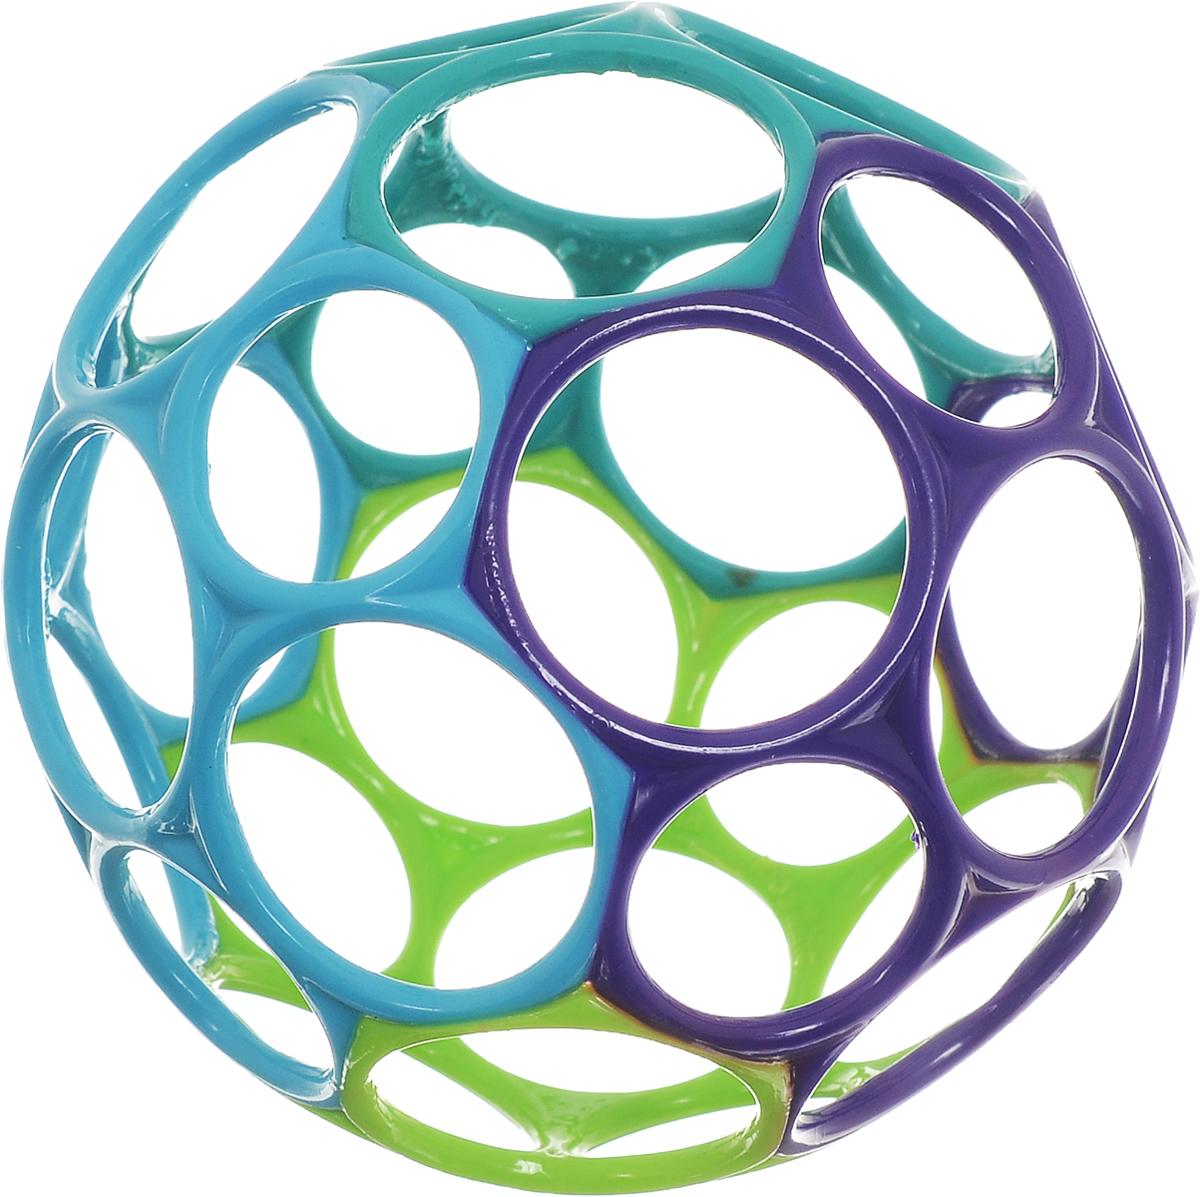 Oball Развивающая игрушка Мячик цвет фиолетовый голубой салатовый развивающие игрушки oball мячик на присоске